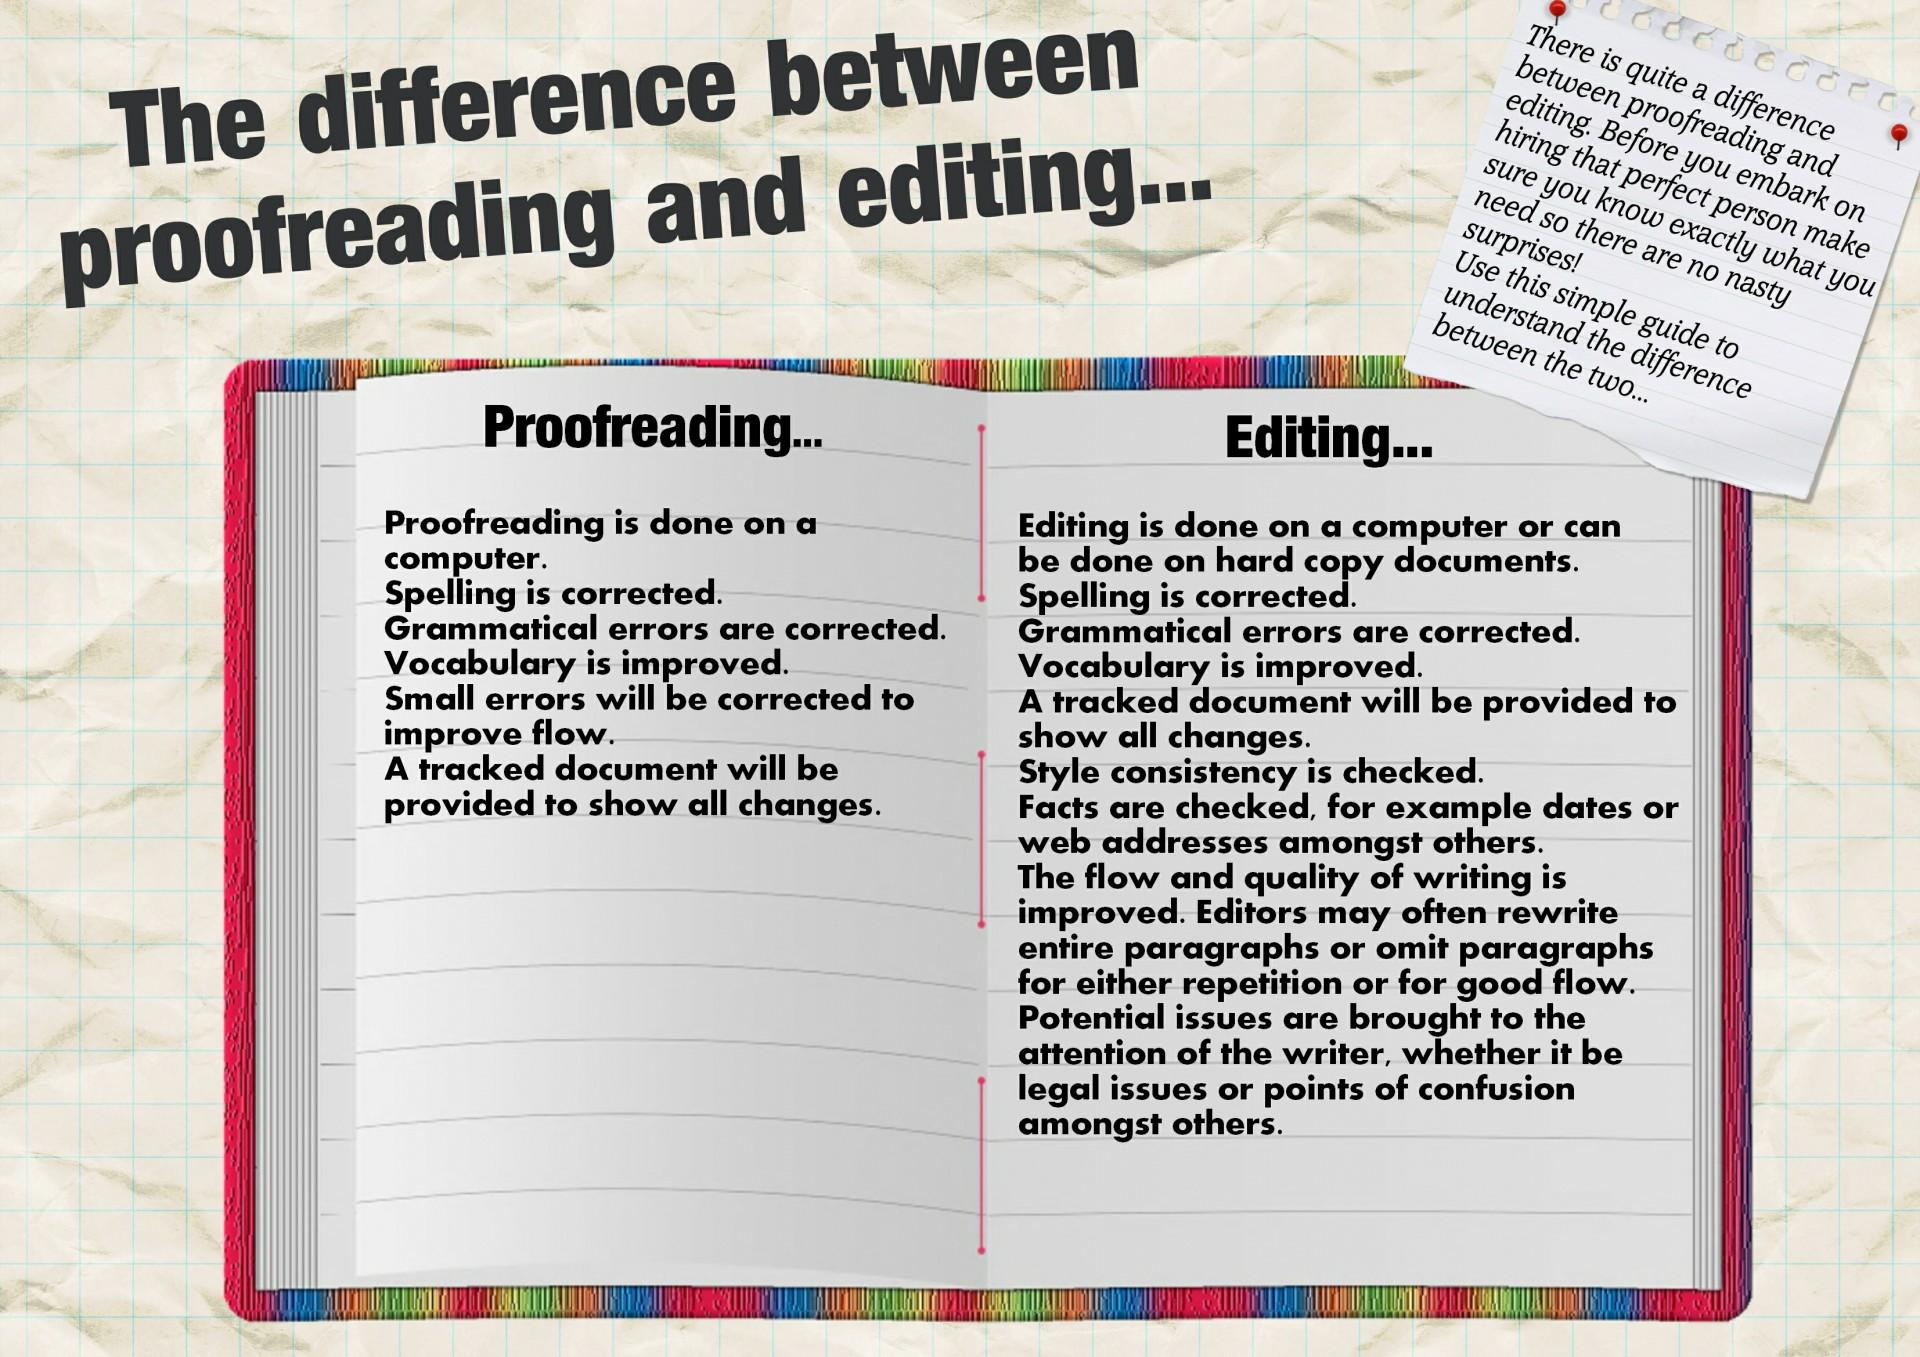 020 Essay Example Dgjiee7oms Online Top Editor College Paper 1920